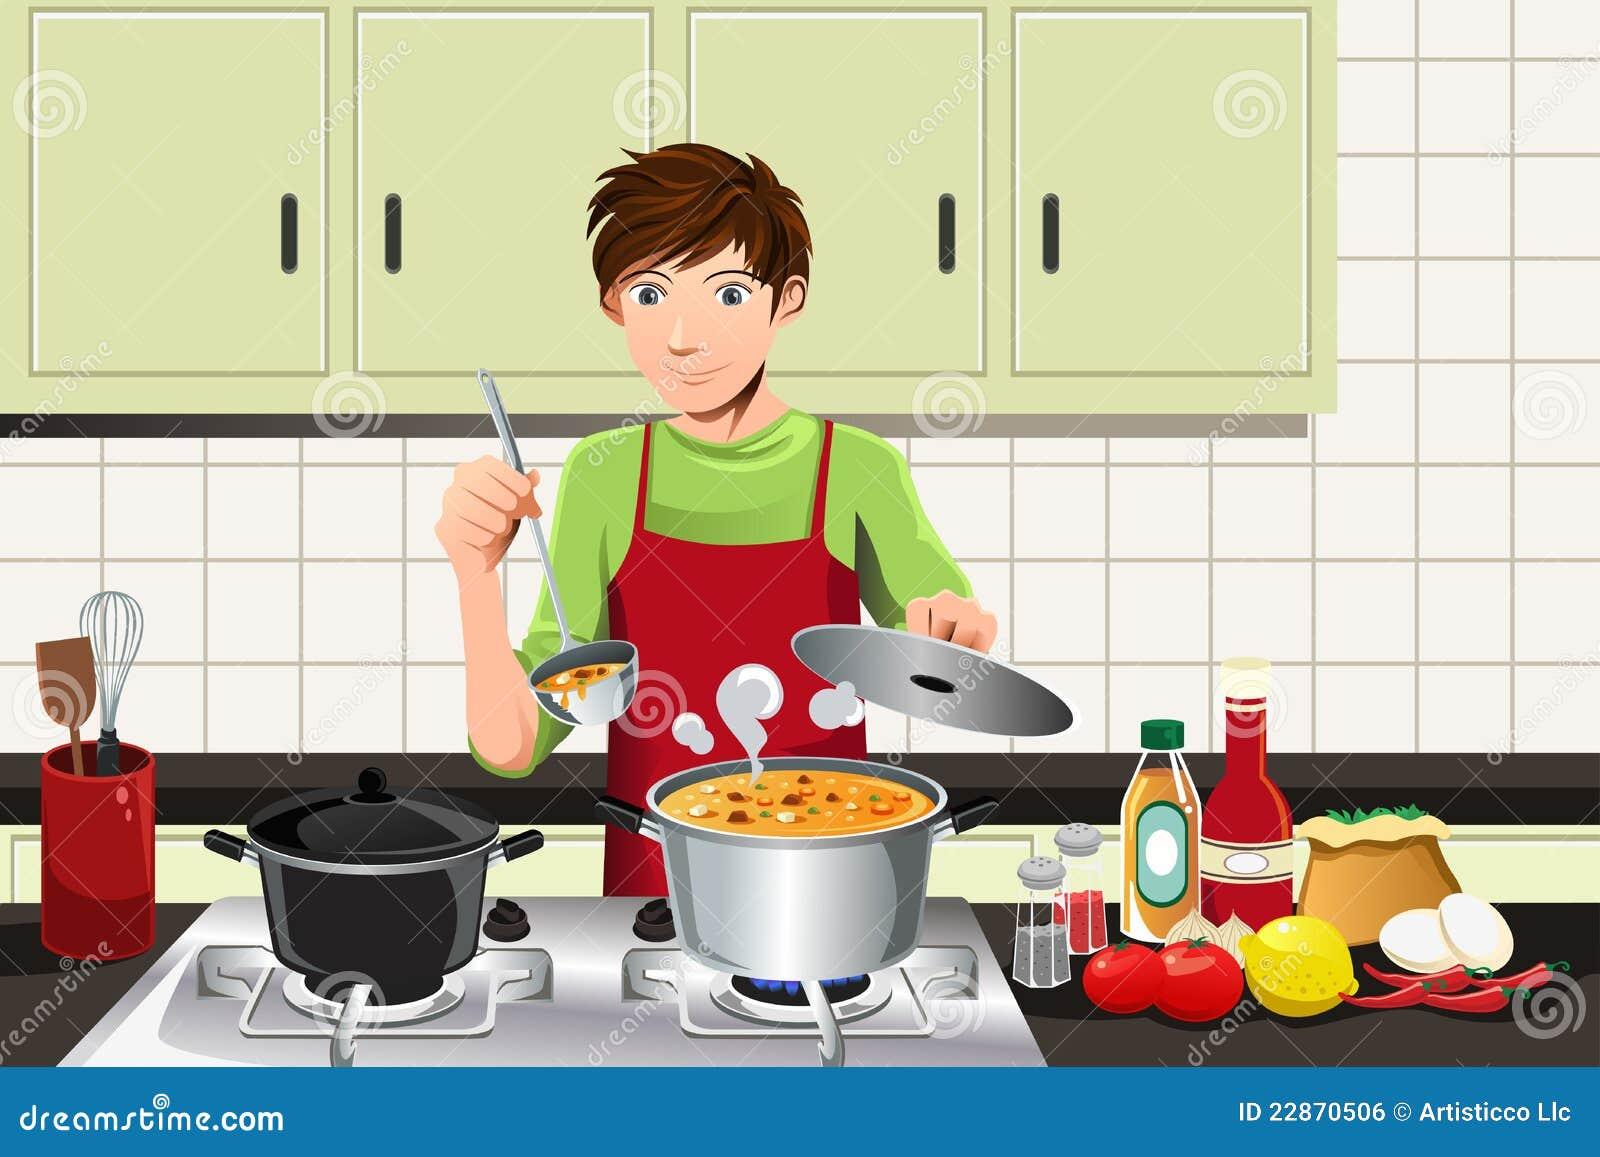 Man Cooking Royalty Free Stock Image Image 22870506